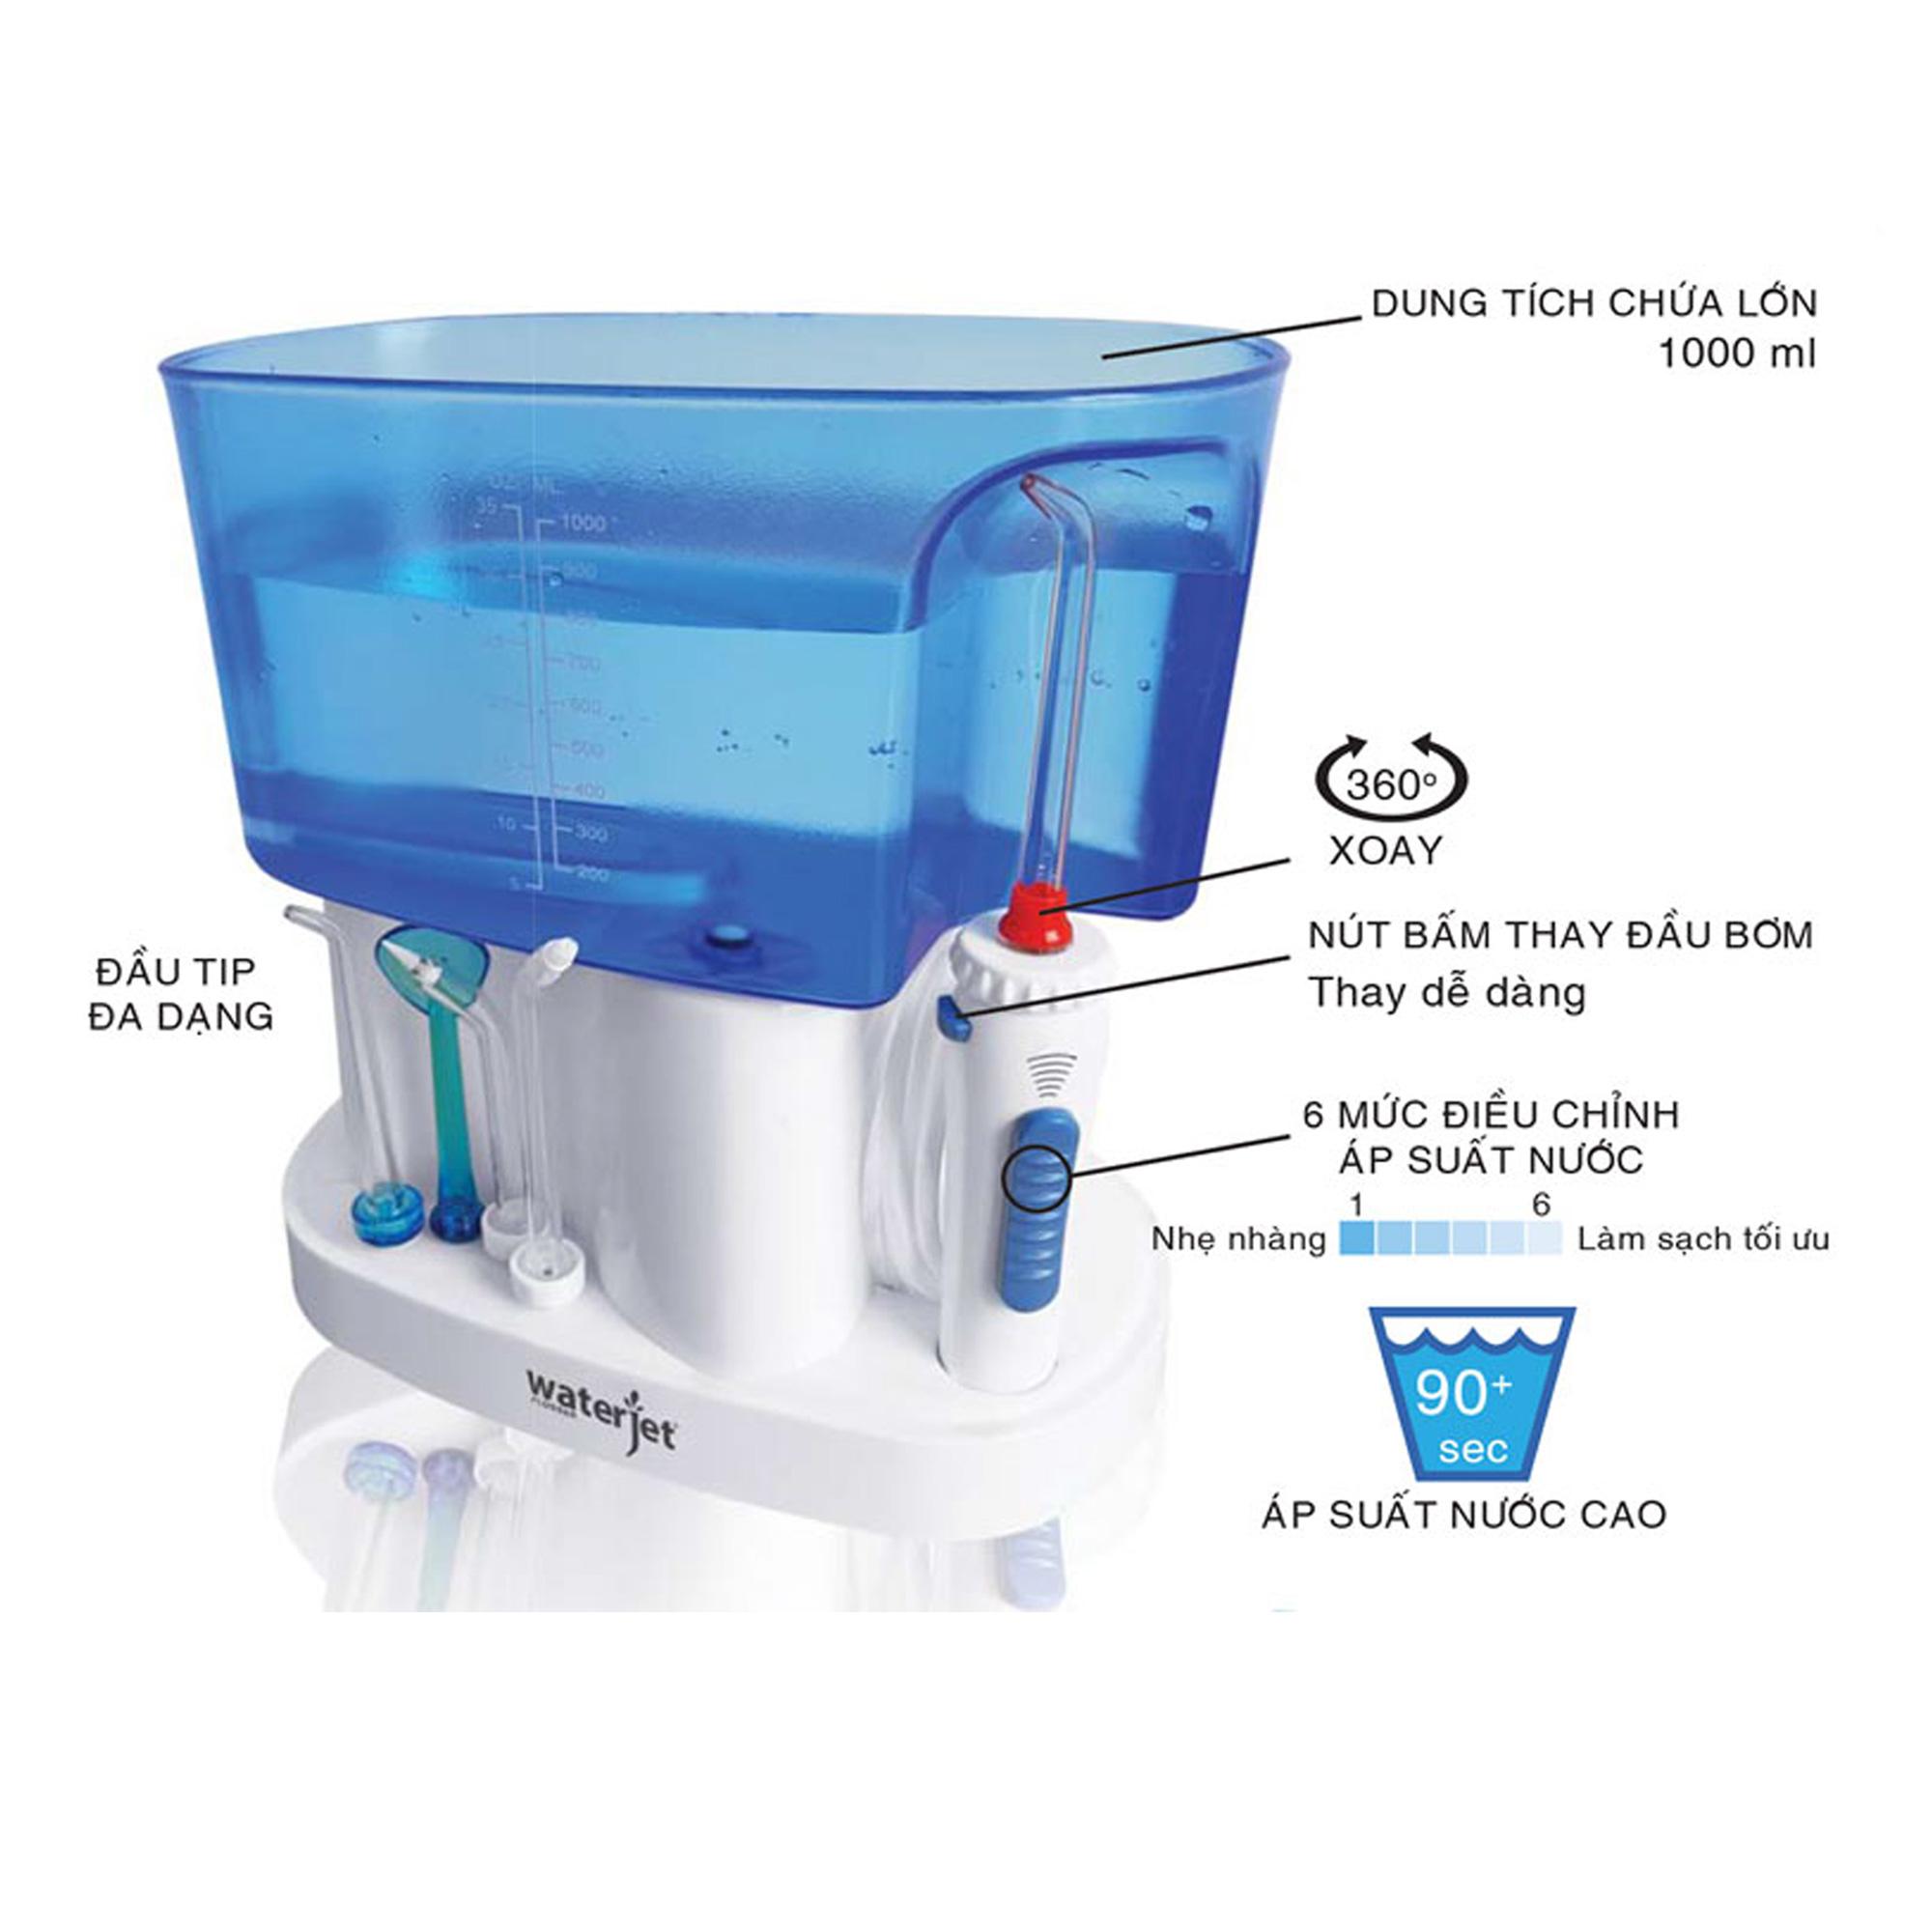 Máy tăm nước cho gia đình Waterjet Classic